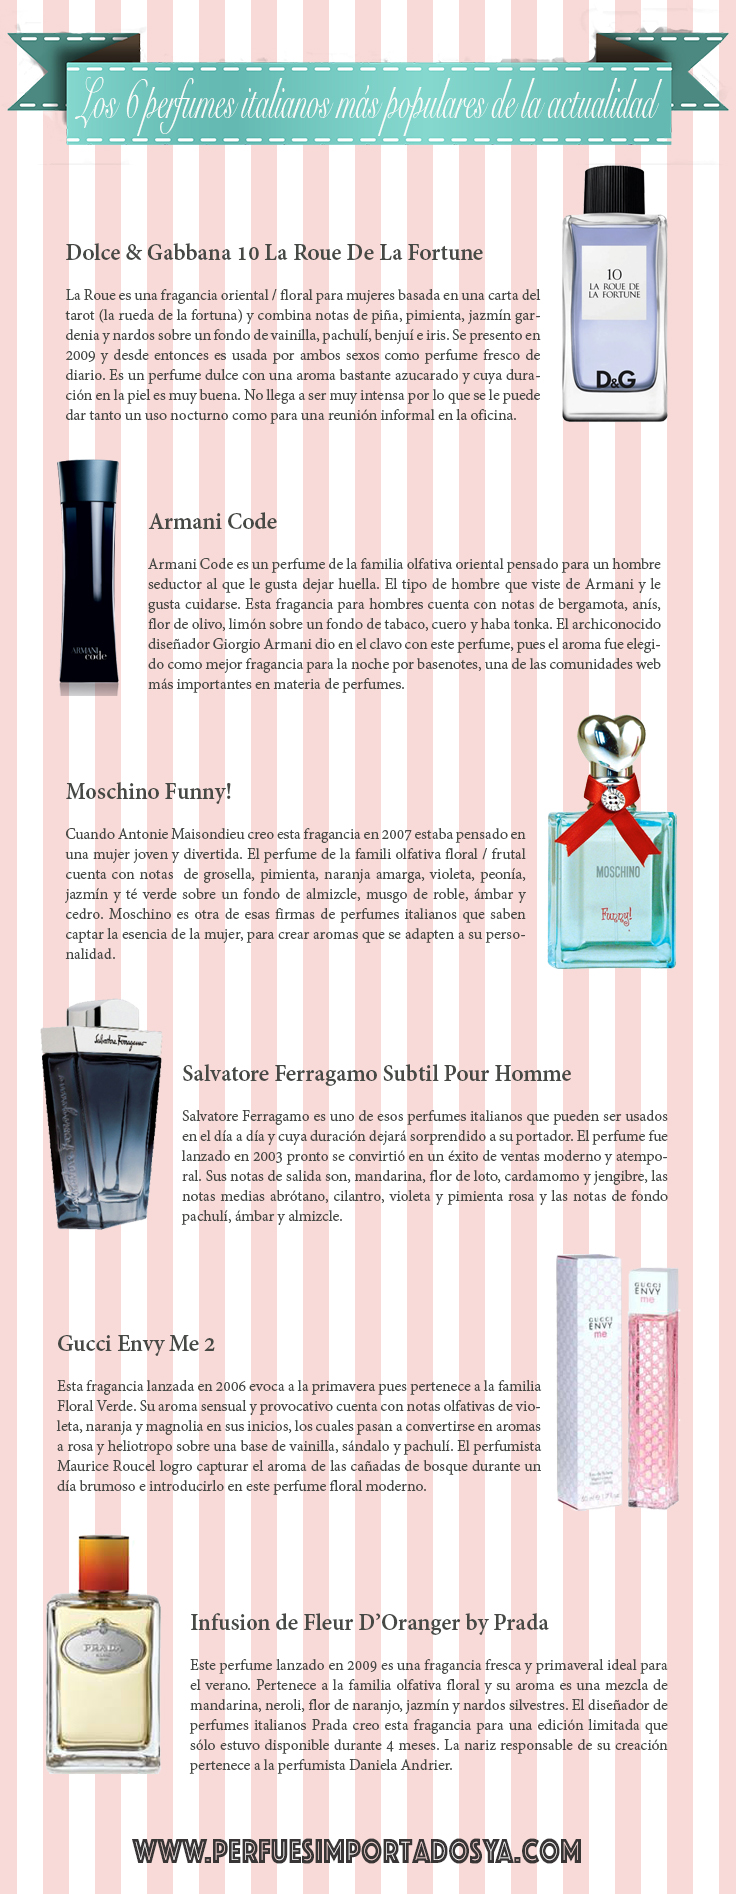 infografía sobre los perfumes italianos